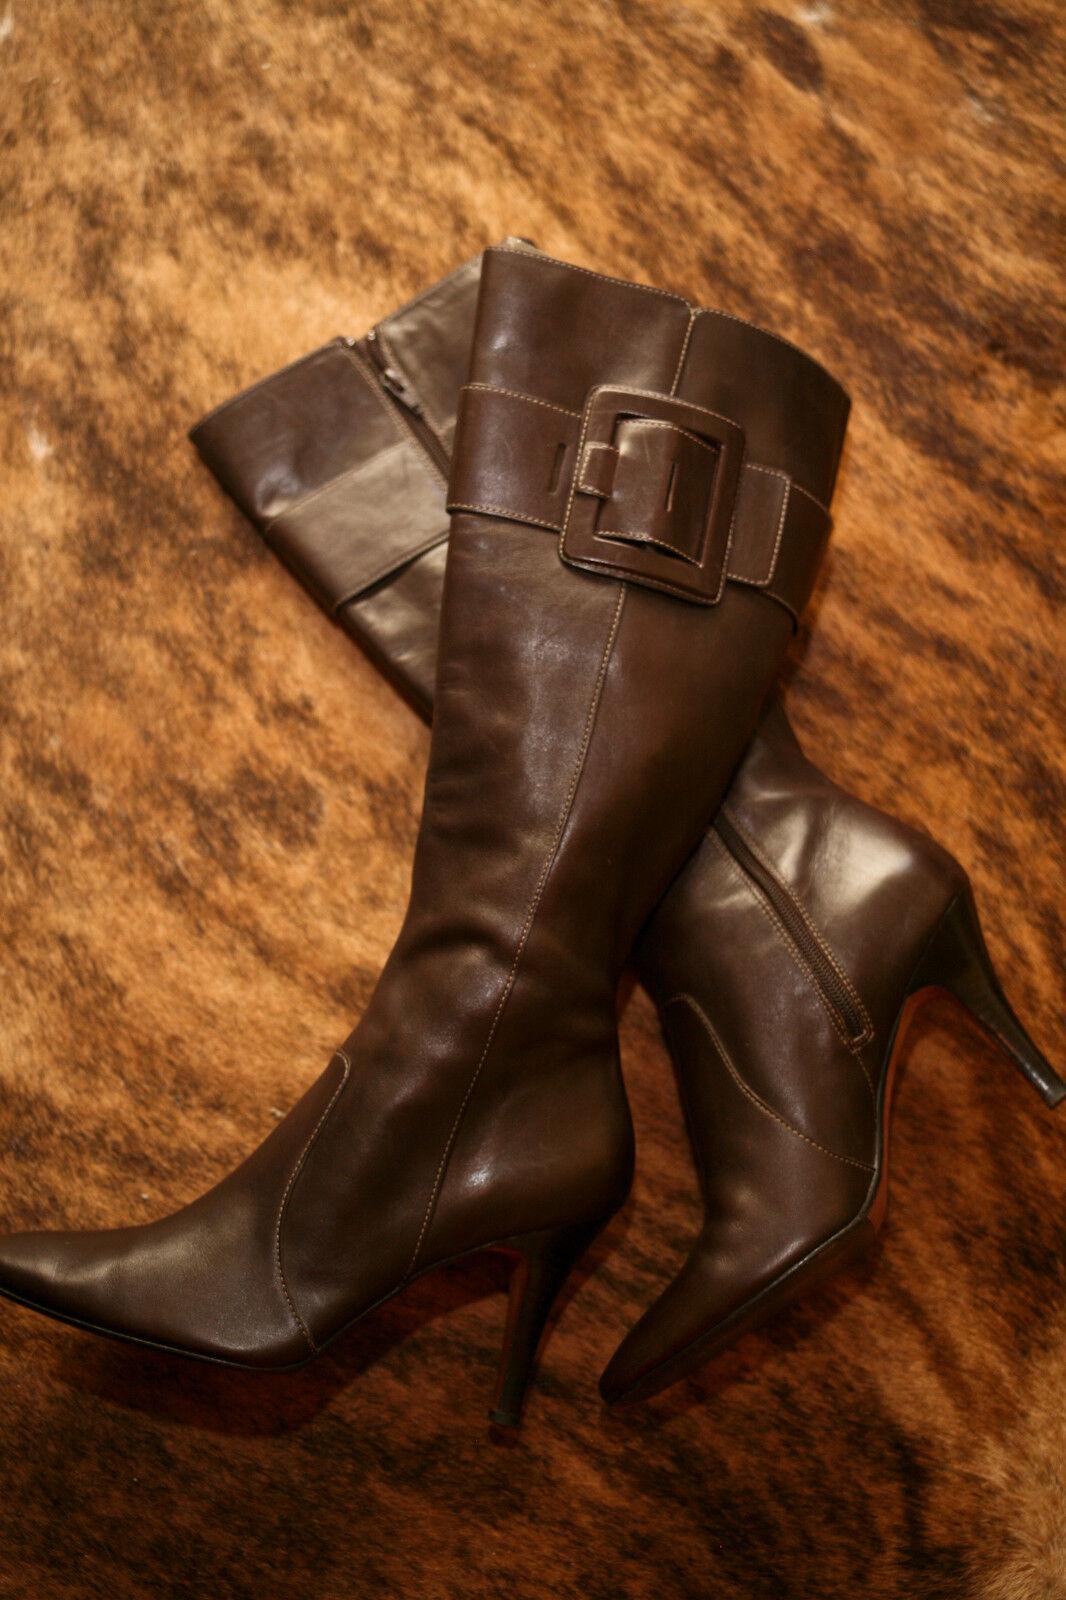 Circa Joan & David Marrón Cuero De Salón Zapatos de de de Taco Alto botas Hasta La Rodilla 10 M Extra Usado En Excelente Condición  bienvenido a orden